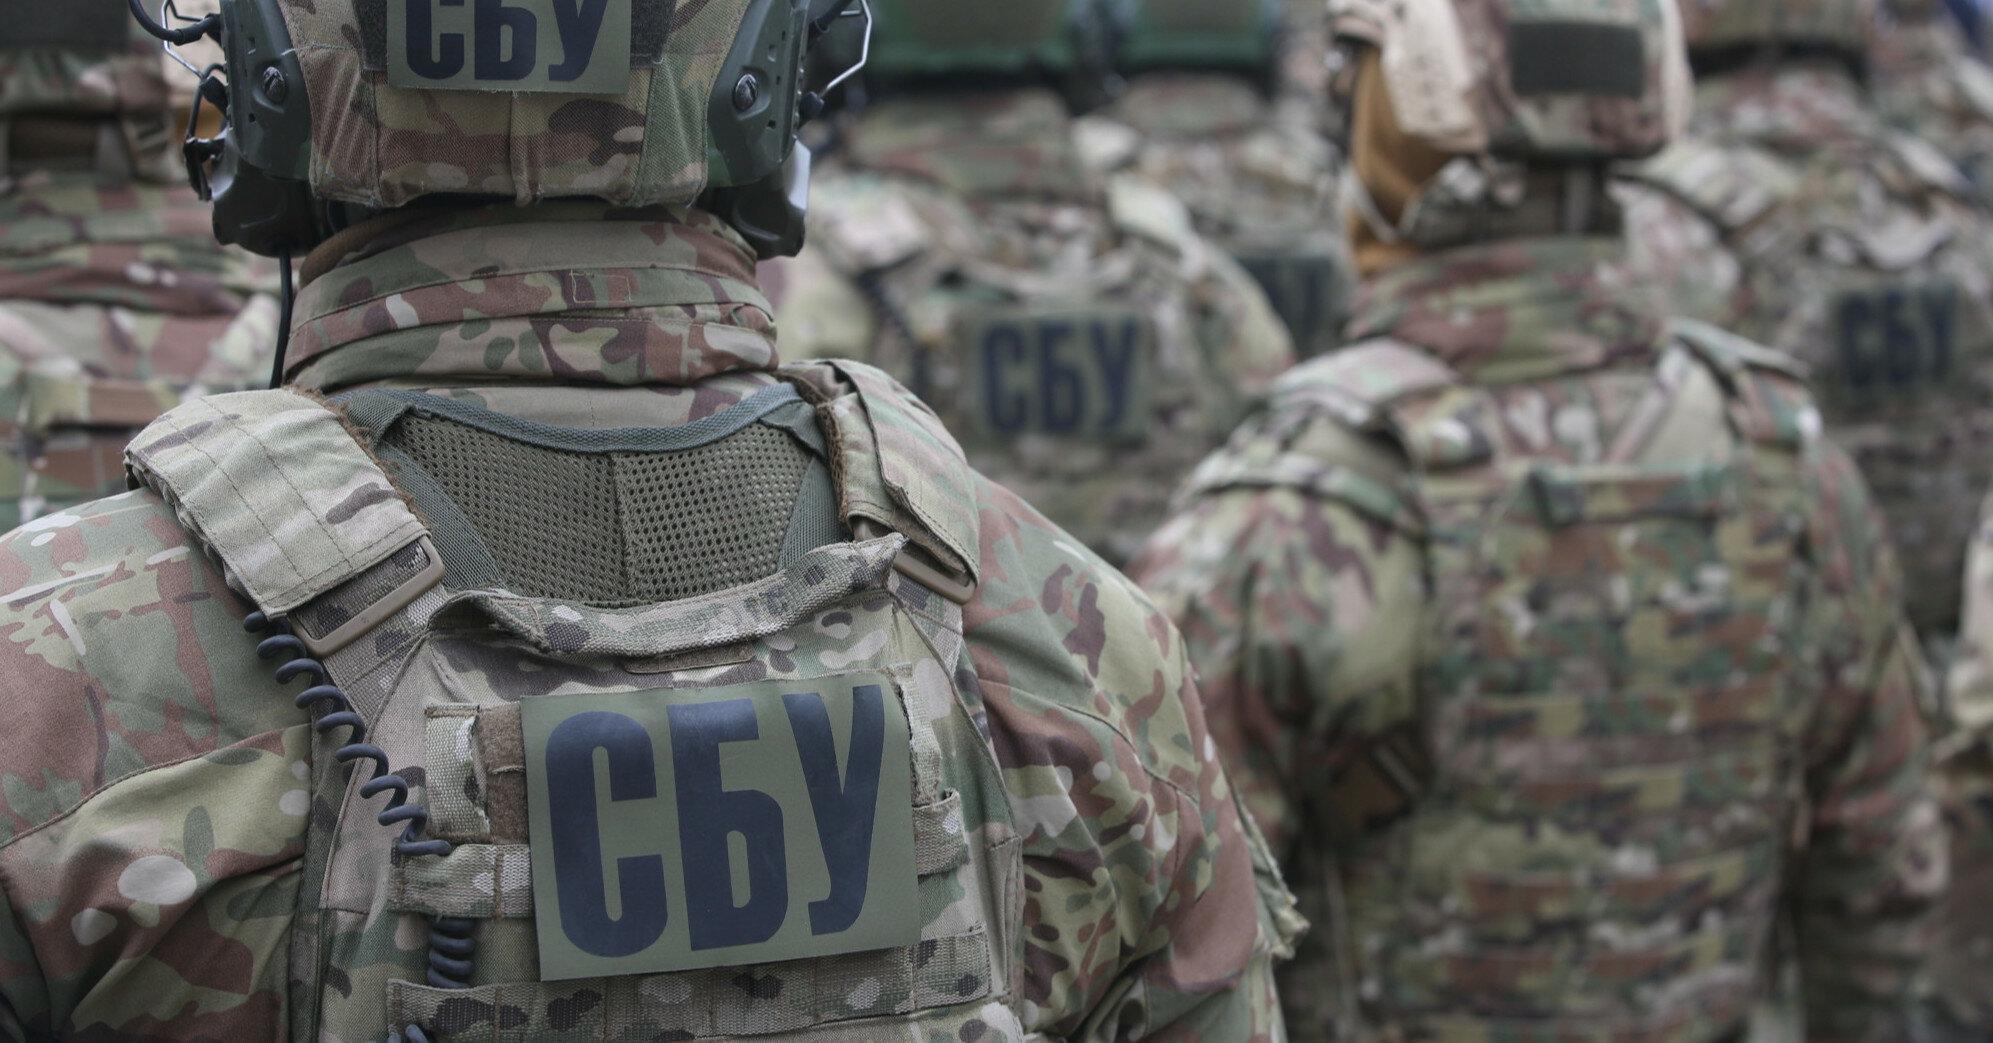 Агента ФСБ приговорили к 8 годам за сбор данных о ракетных комплексах